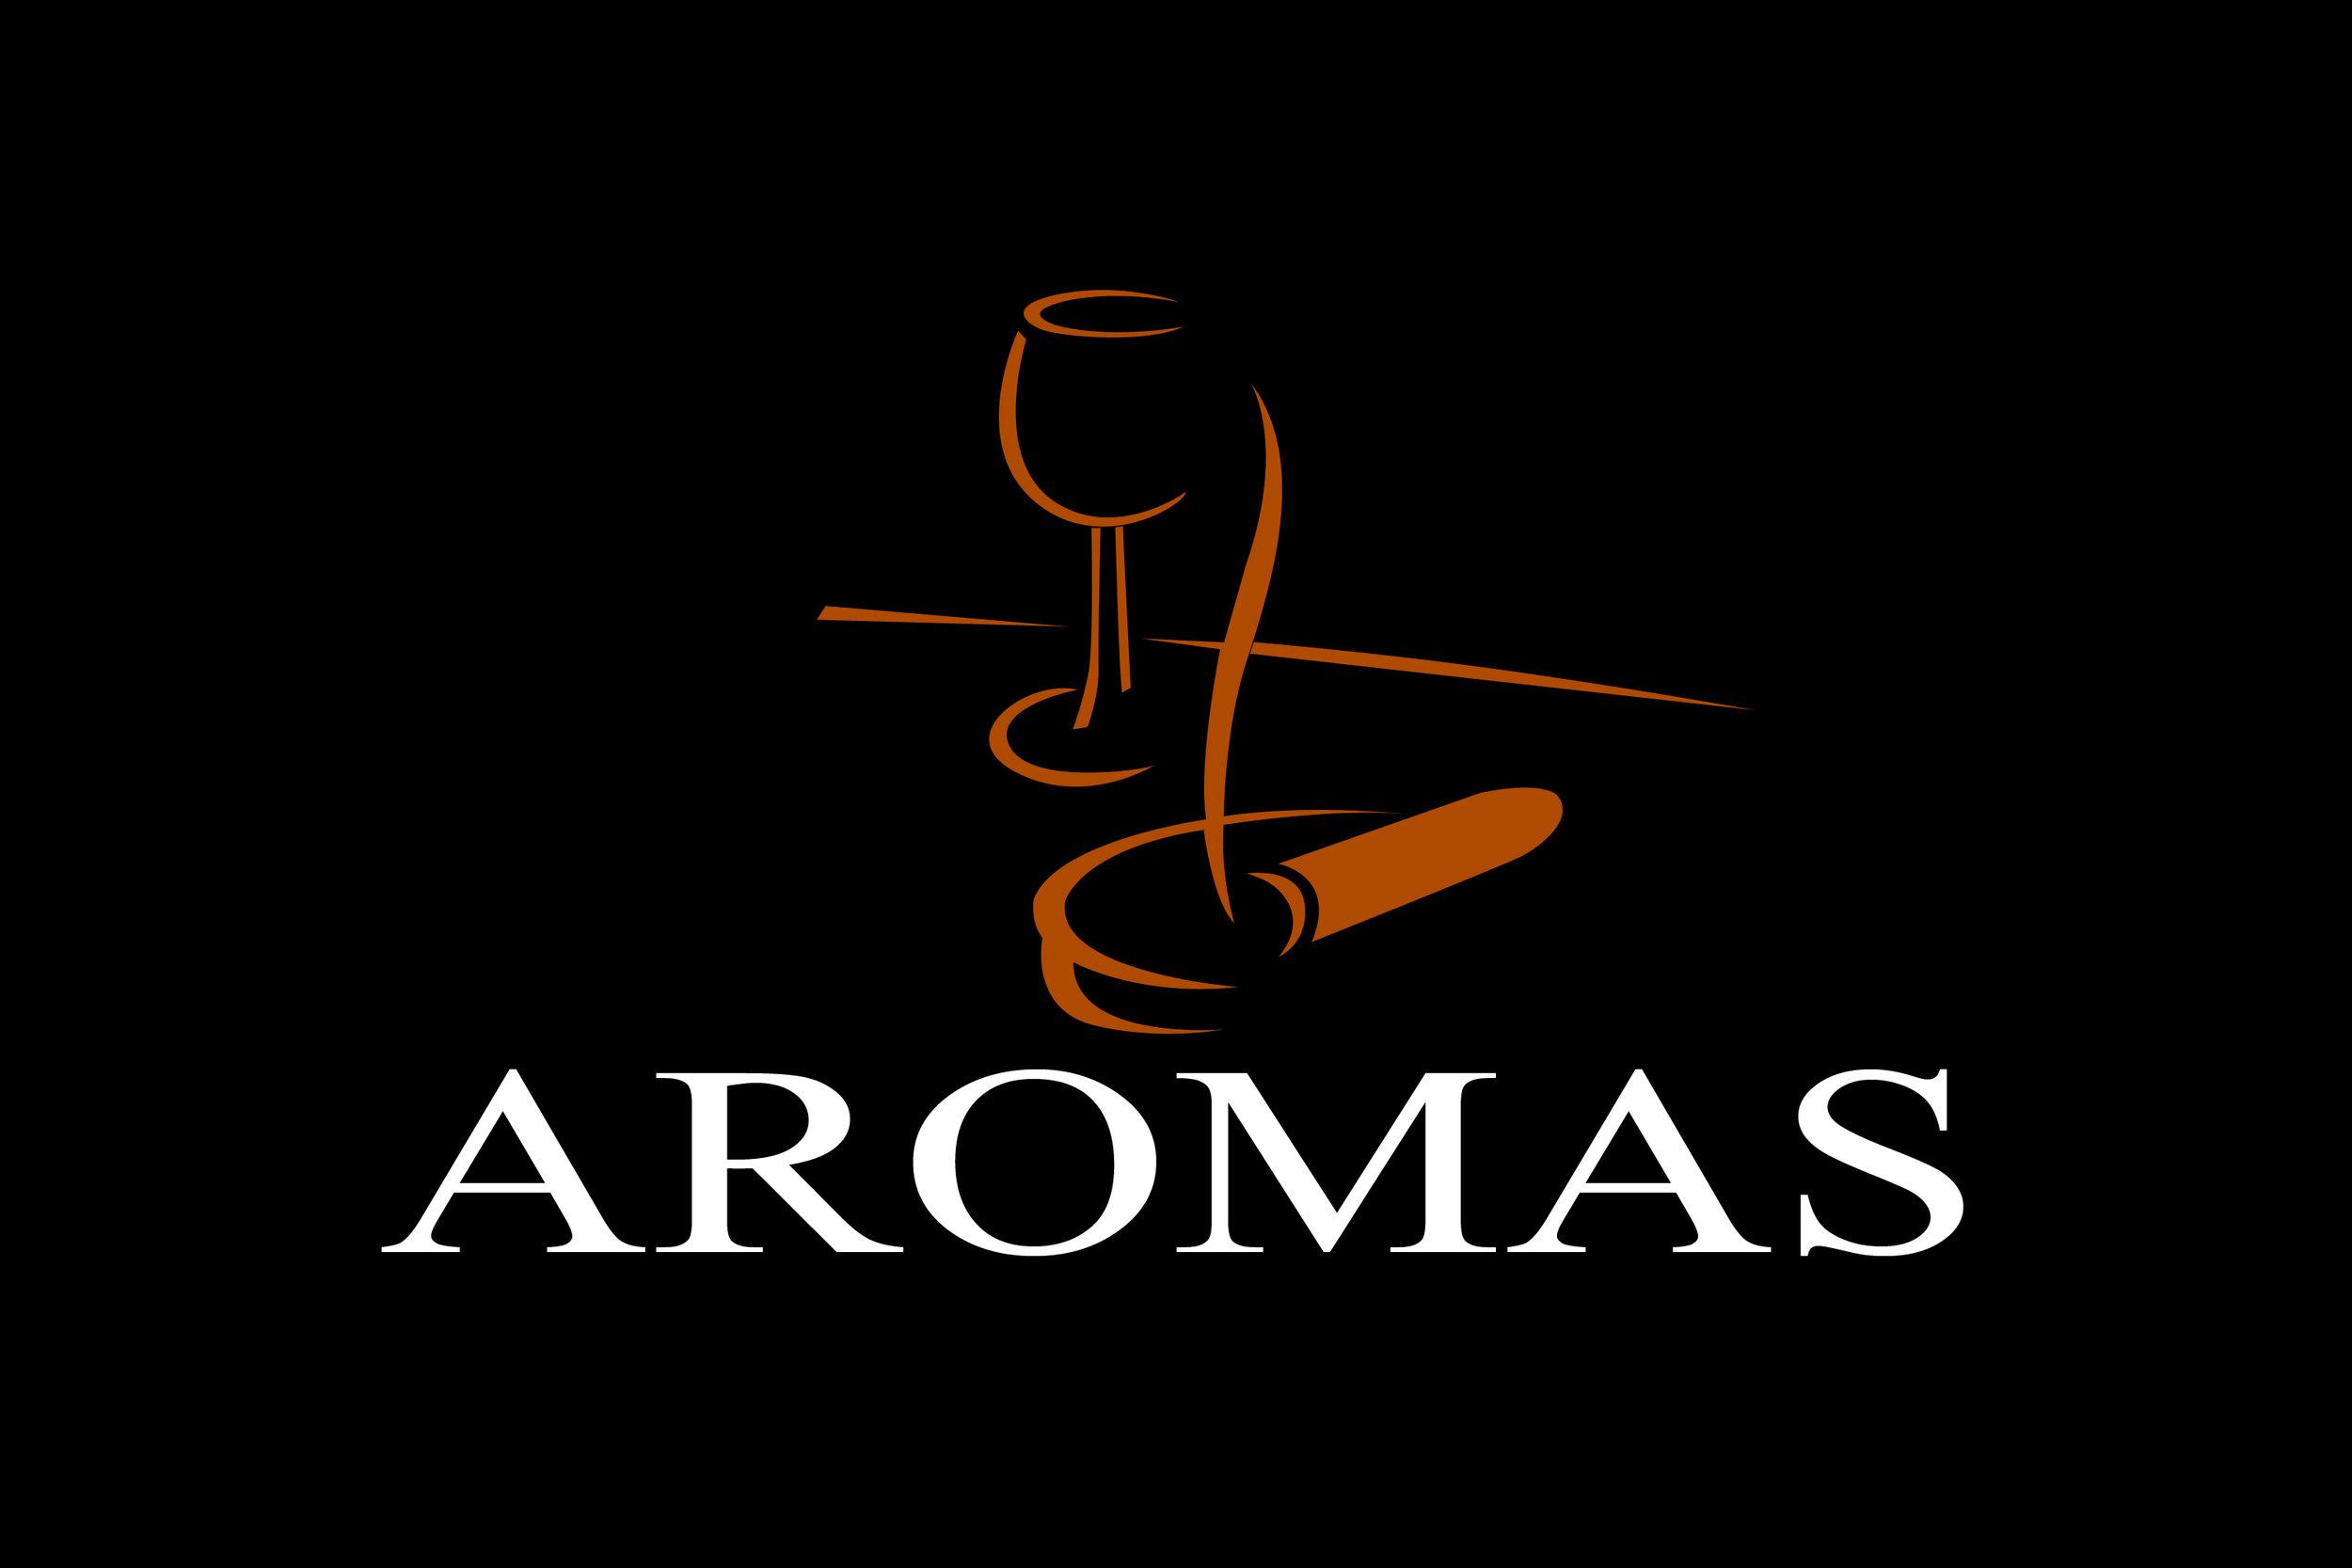 Aromas_Black.JPG